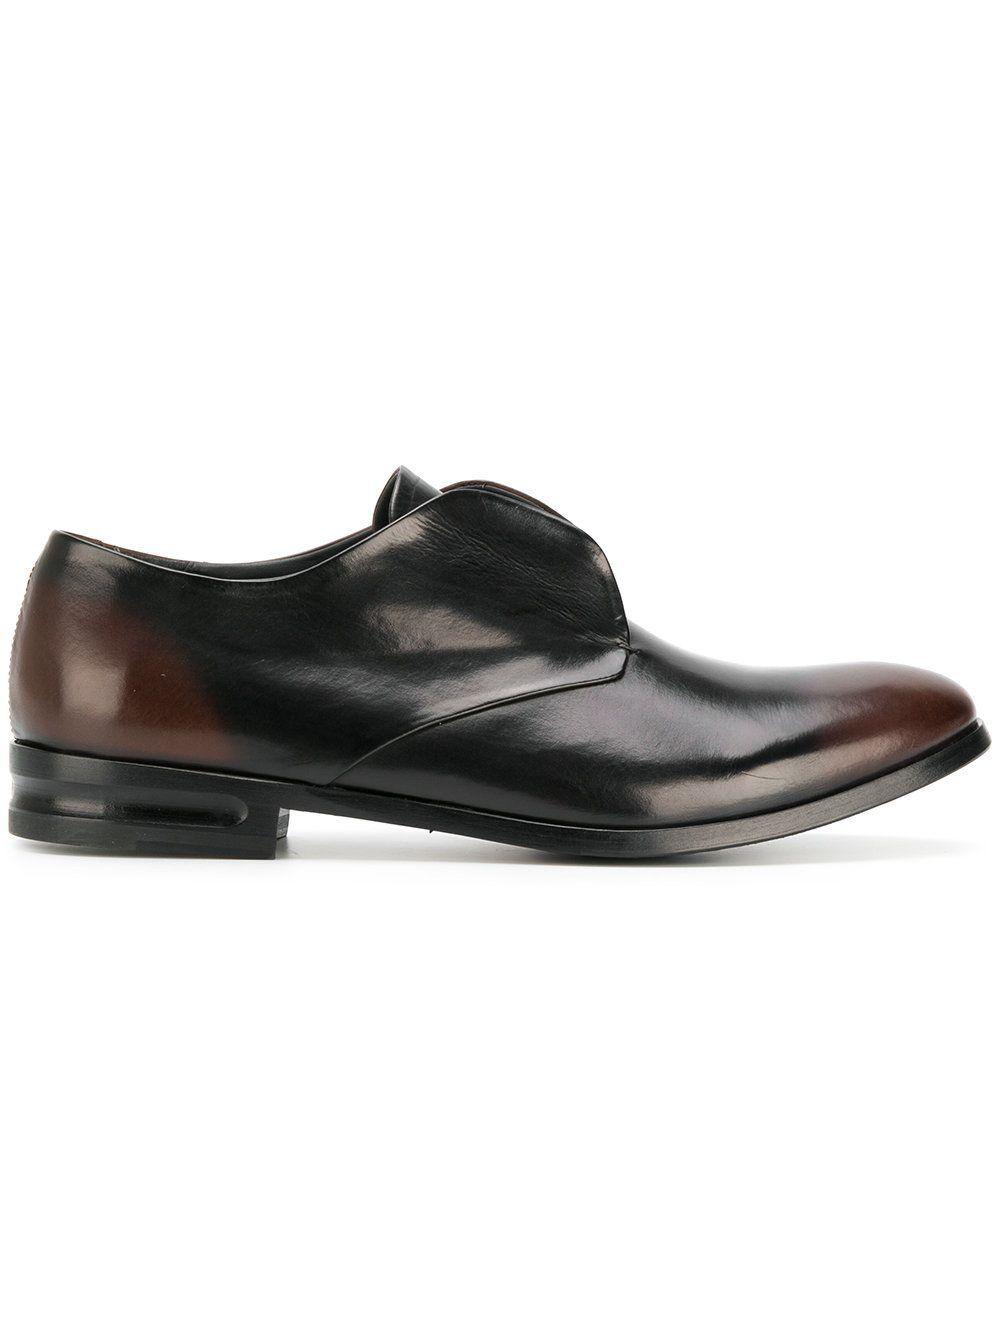 Alexander McQueen Classic Loafers